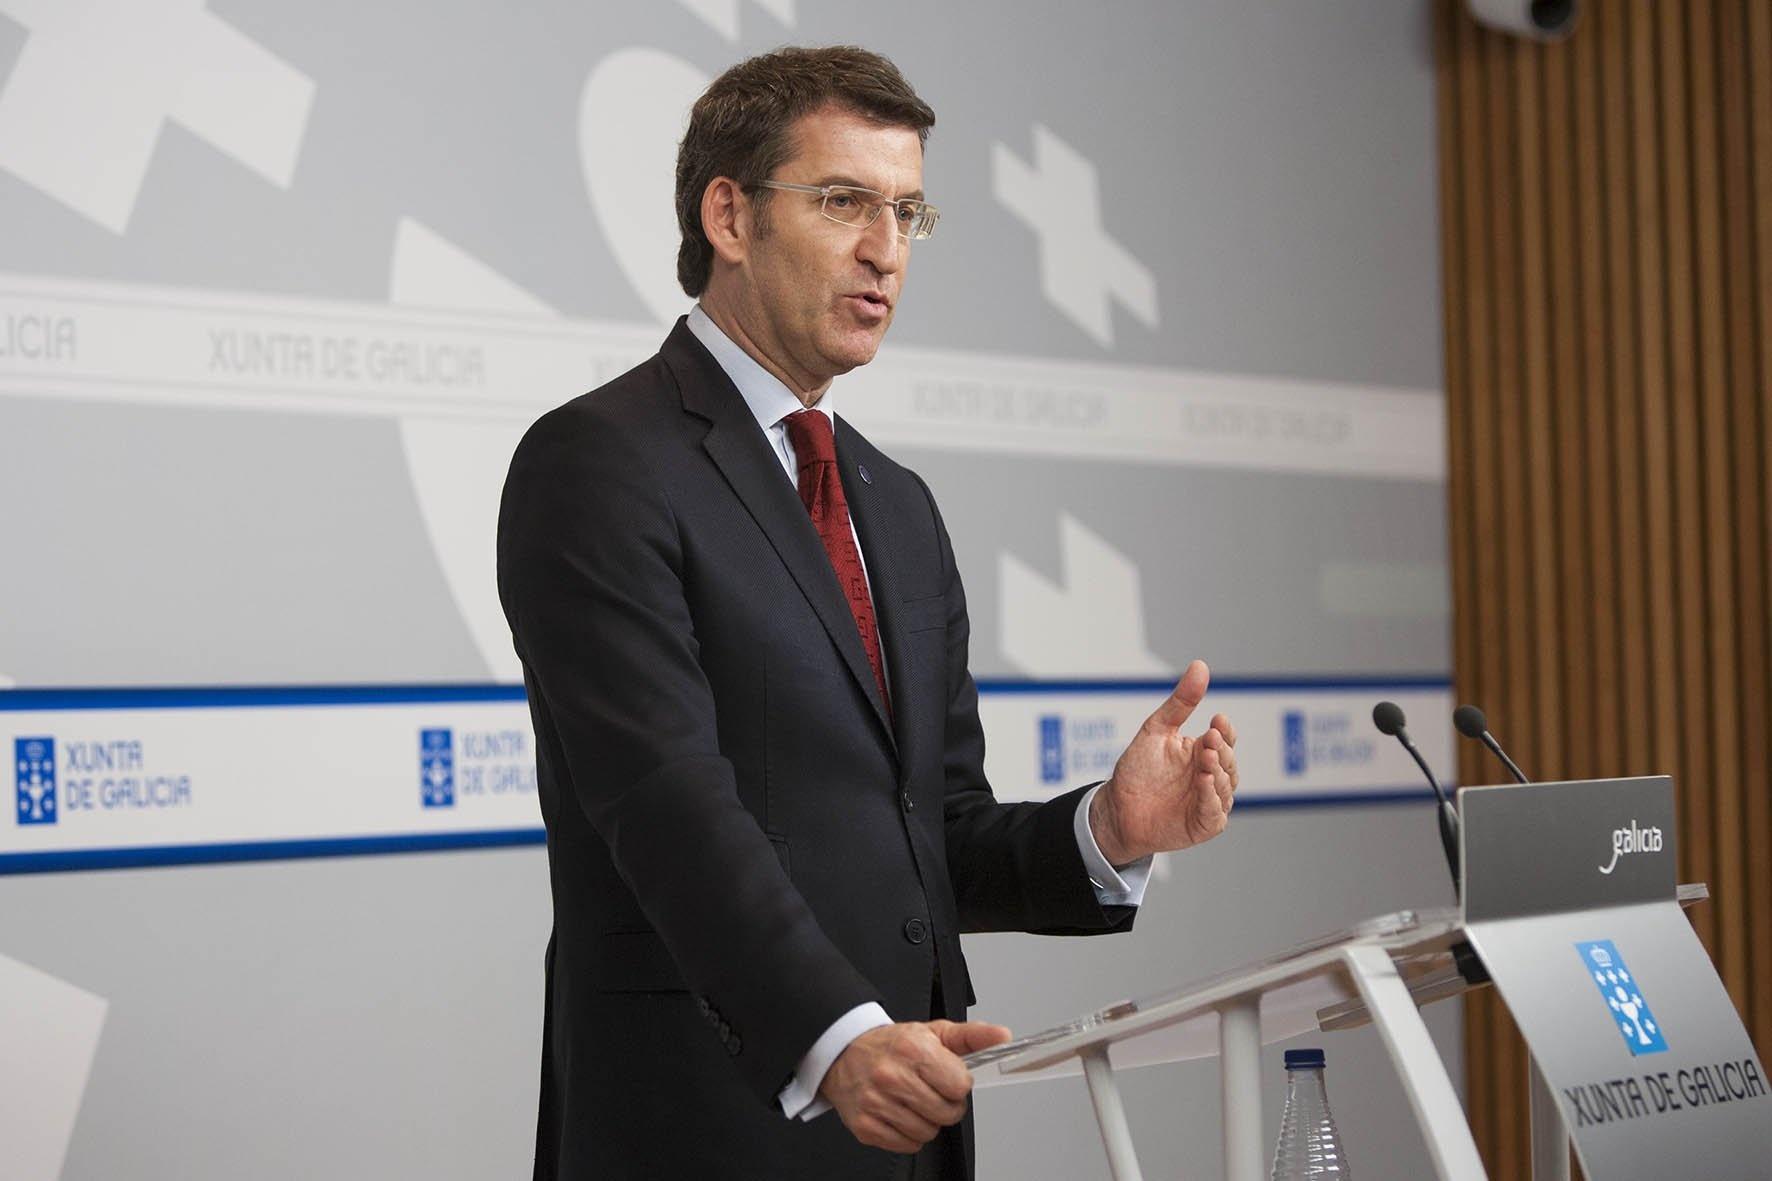 Feijóo erige la oferta de Banesco en «la mejor para todos» y rechaza que se ligue a «criterios políticos»